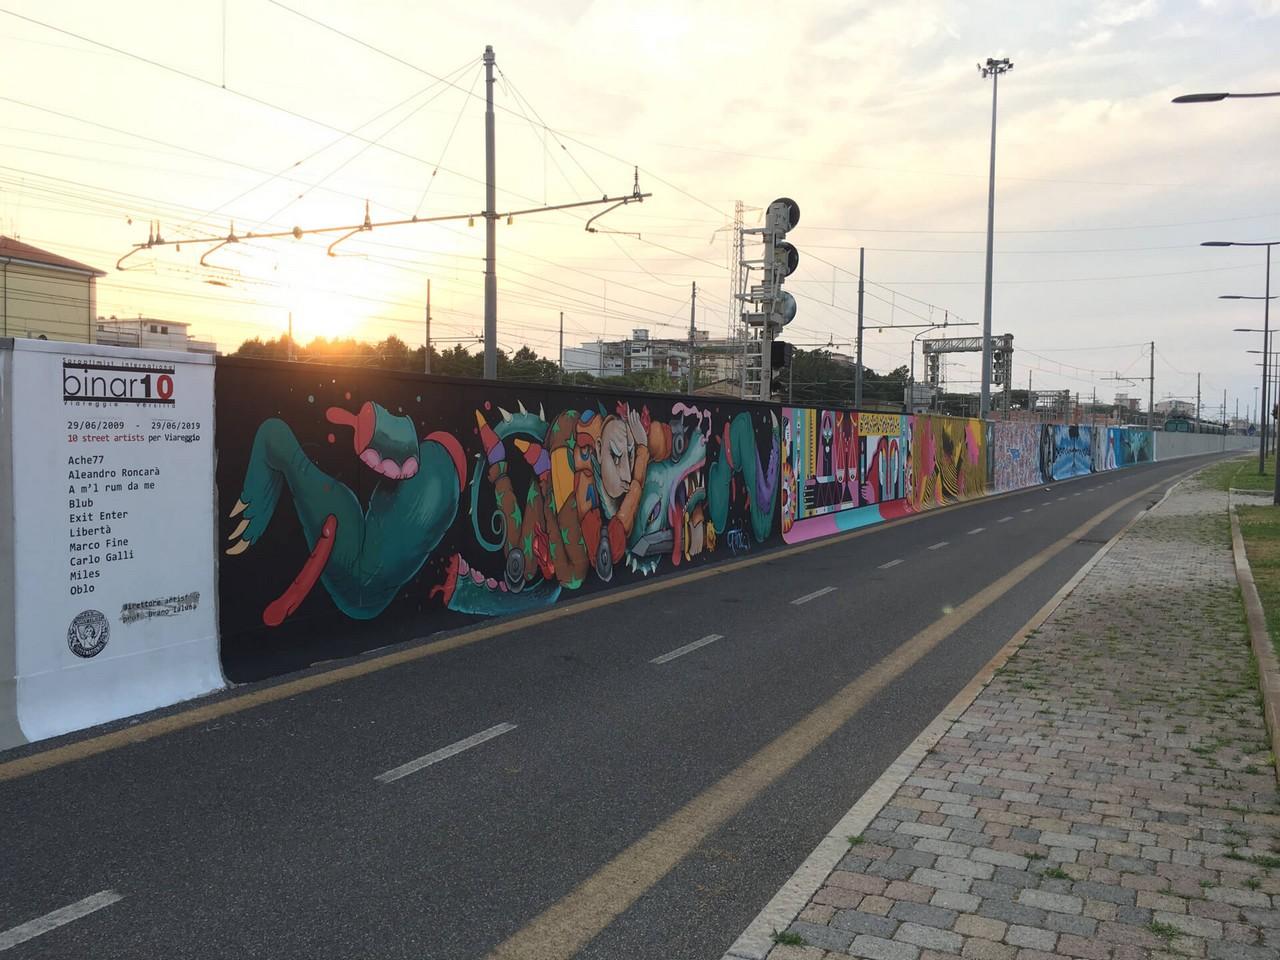 Via Ponchielli, il progetto Binario 10